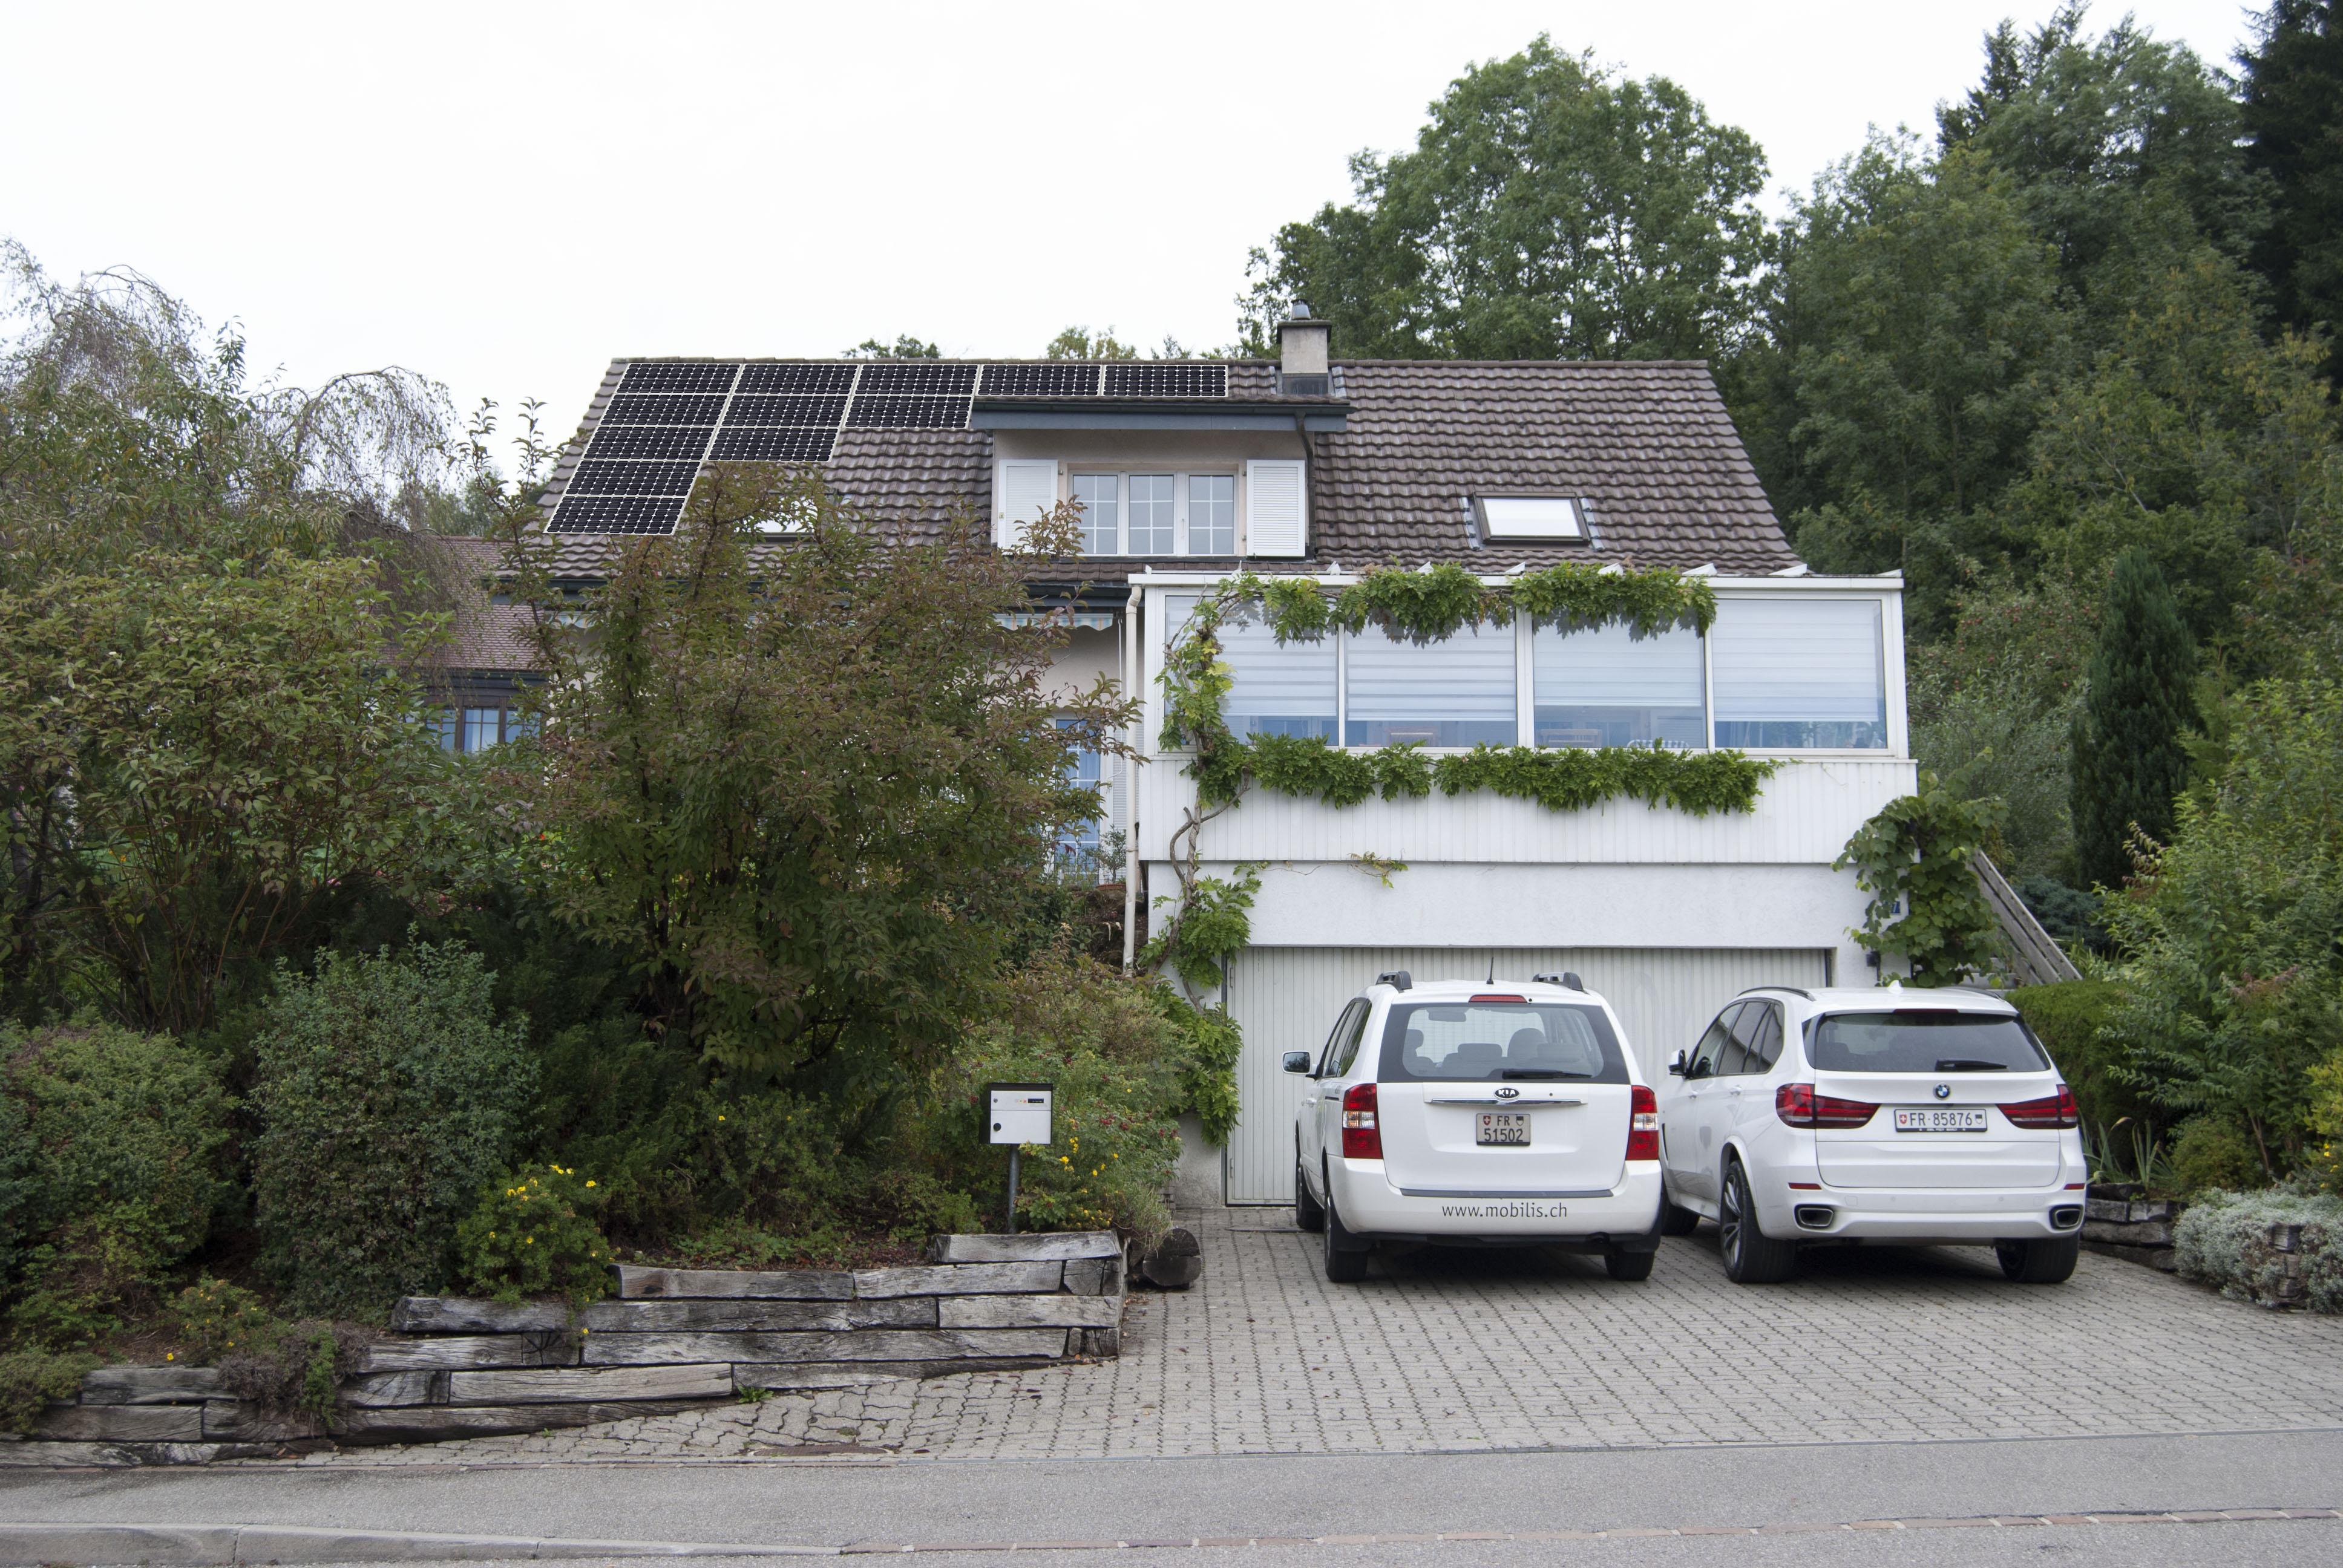 Installation des panneaux solaires. Dossier pour la mise à l'enquête. dossier Swissgrid. existant